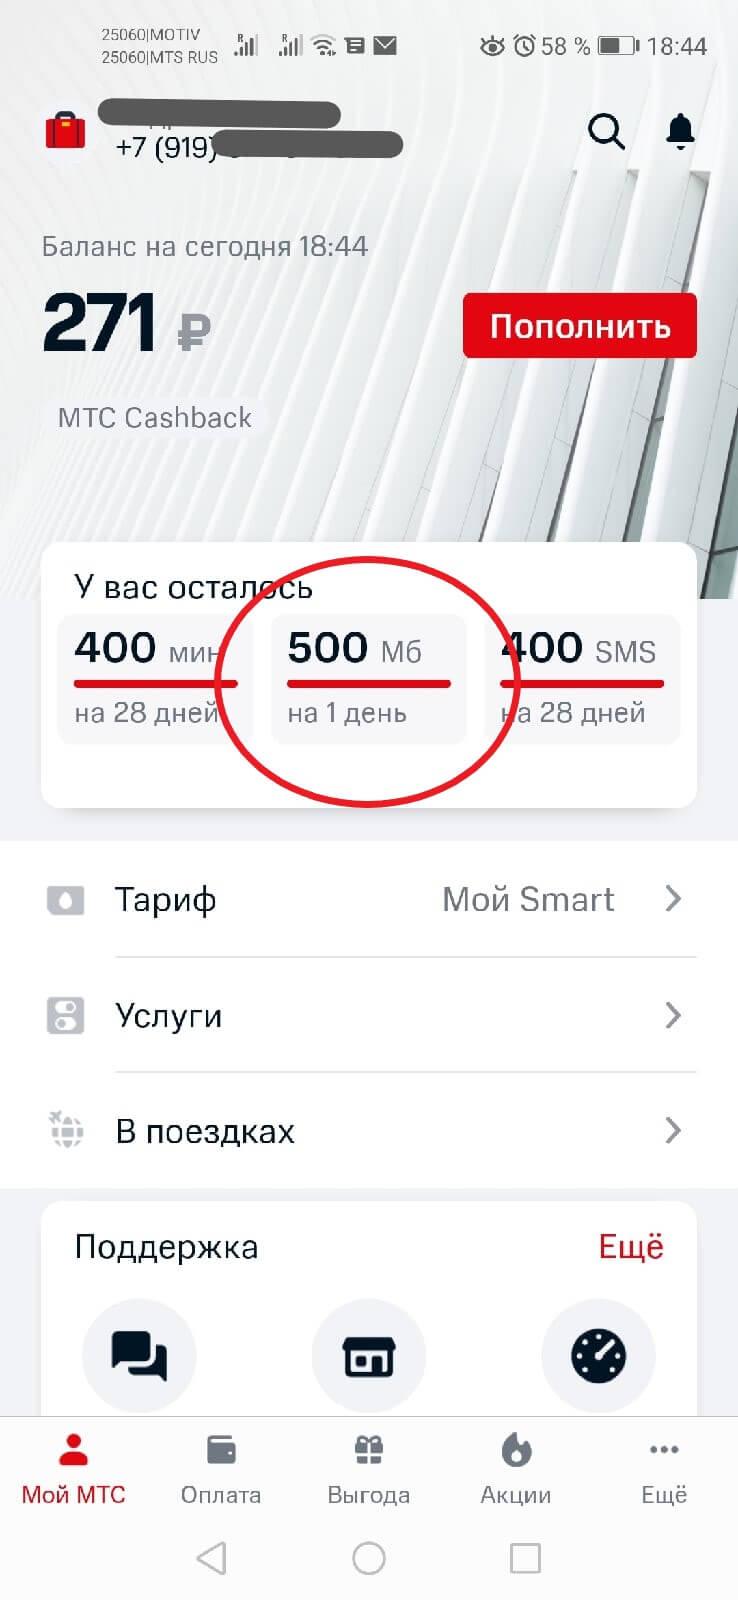 Мобильная связь в Крыму: роуминг МТС.